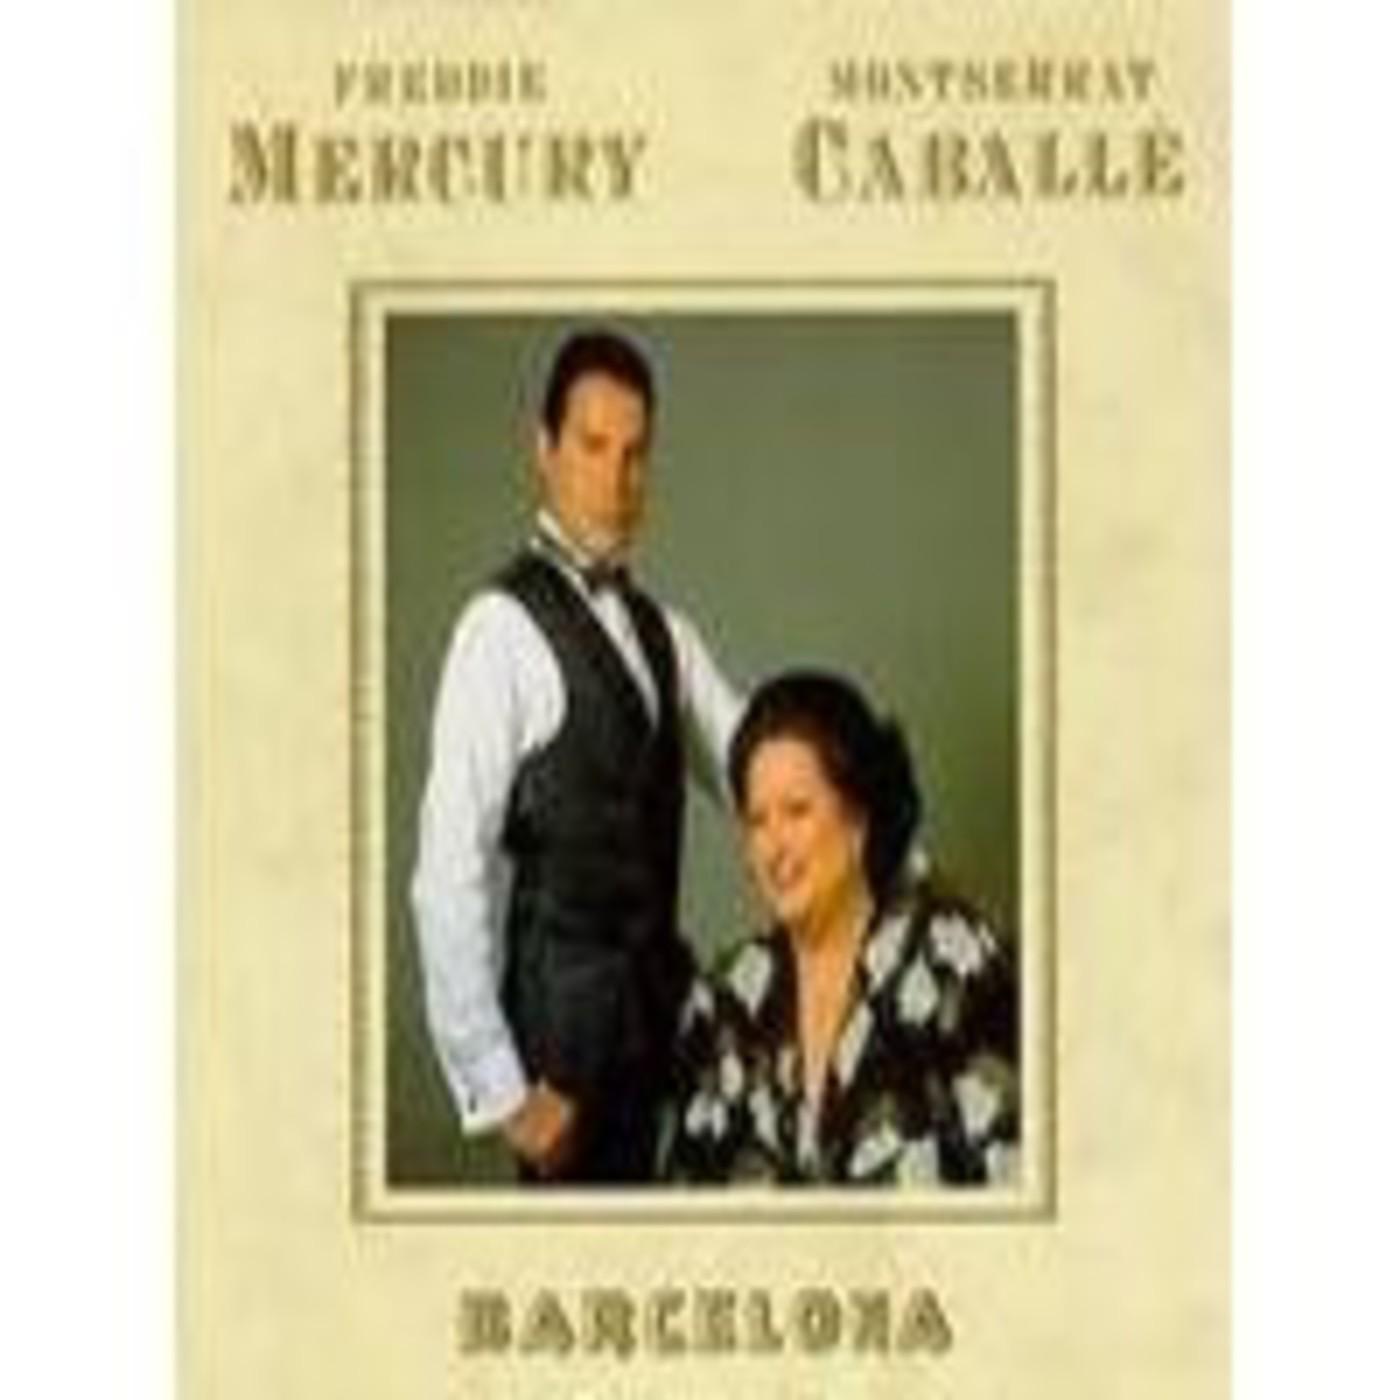 BARCELONA (Con cariño para ERMAKY)